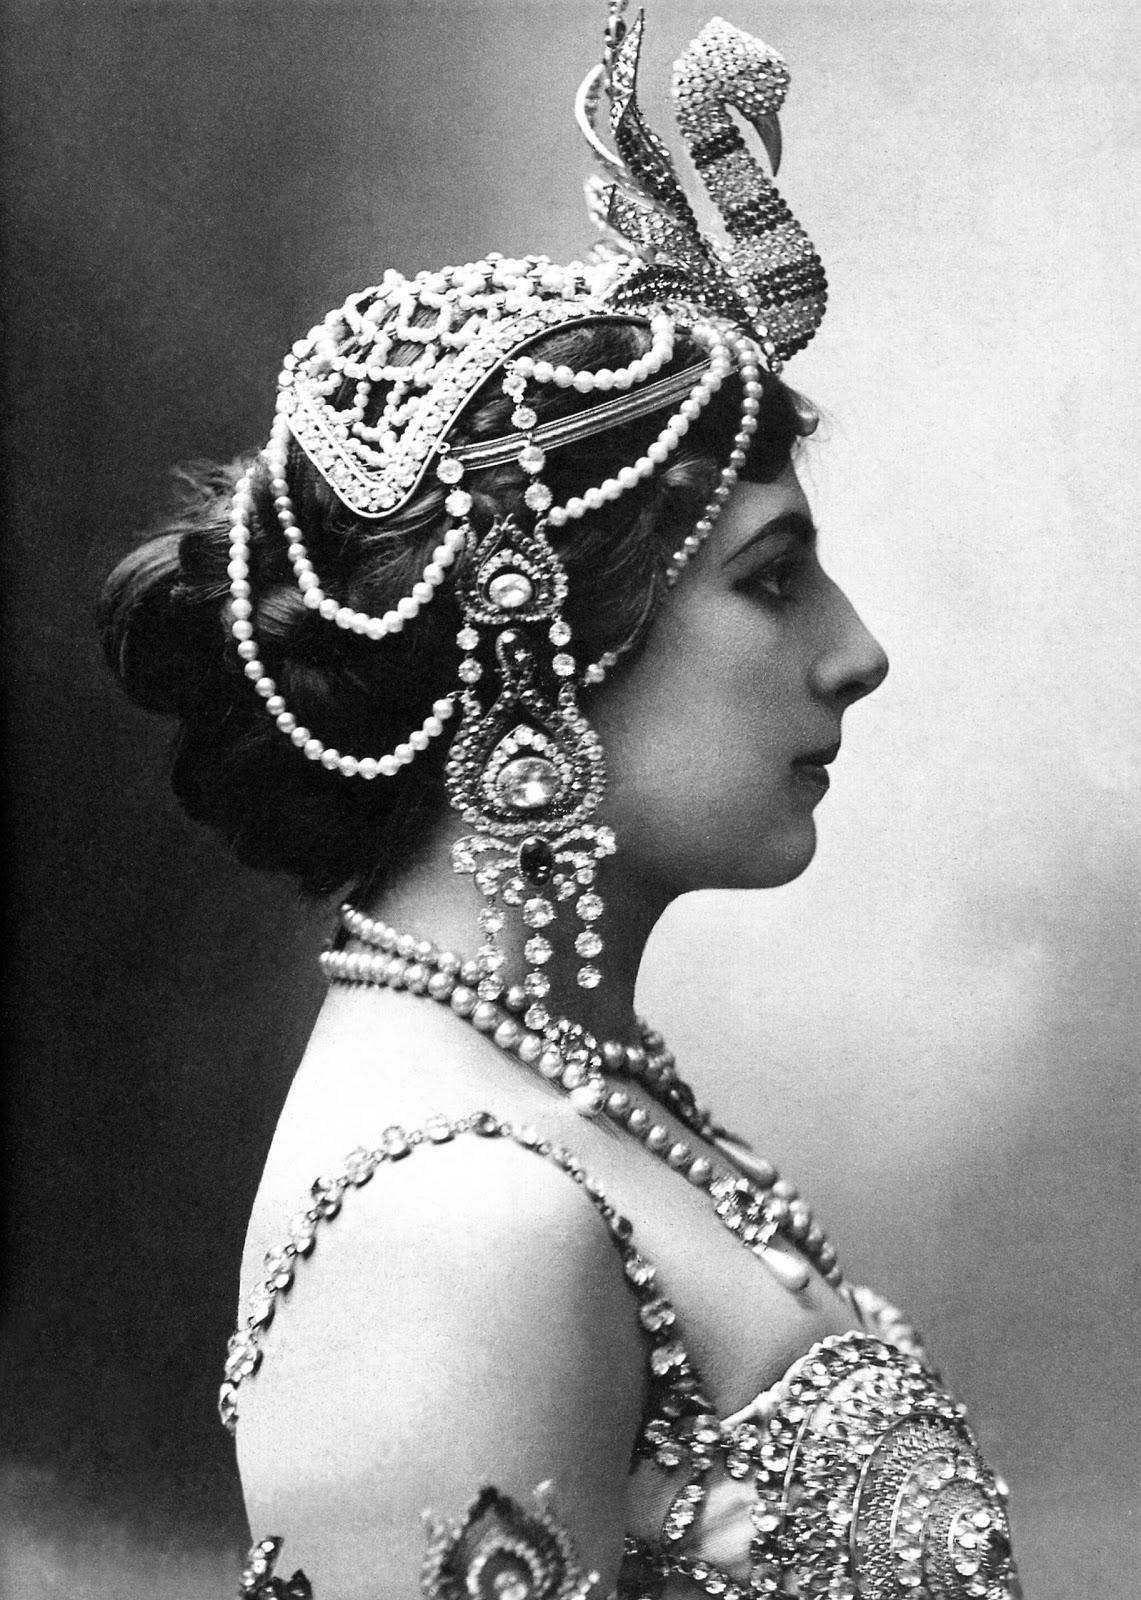 http://4.bp.blogspot.com/-Dgf5I5oQATI/UDQ8Du5-QII/AAAAAAAAKL8/xdO7KccfG9Y/s1600/Mata-Hari_1910.jpg